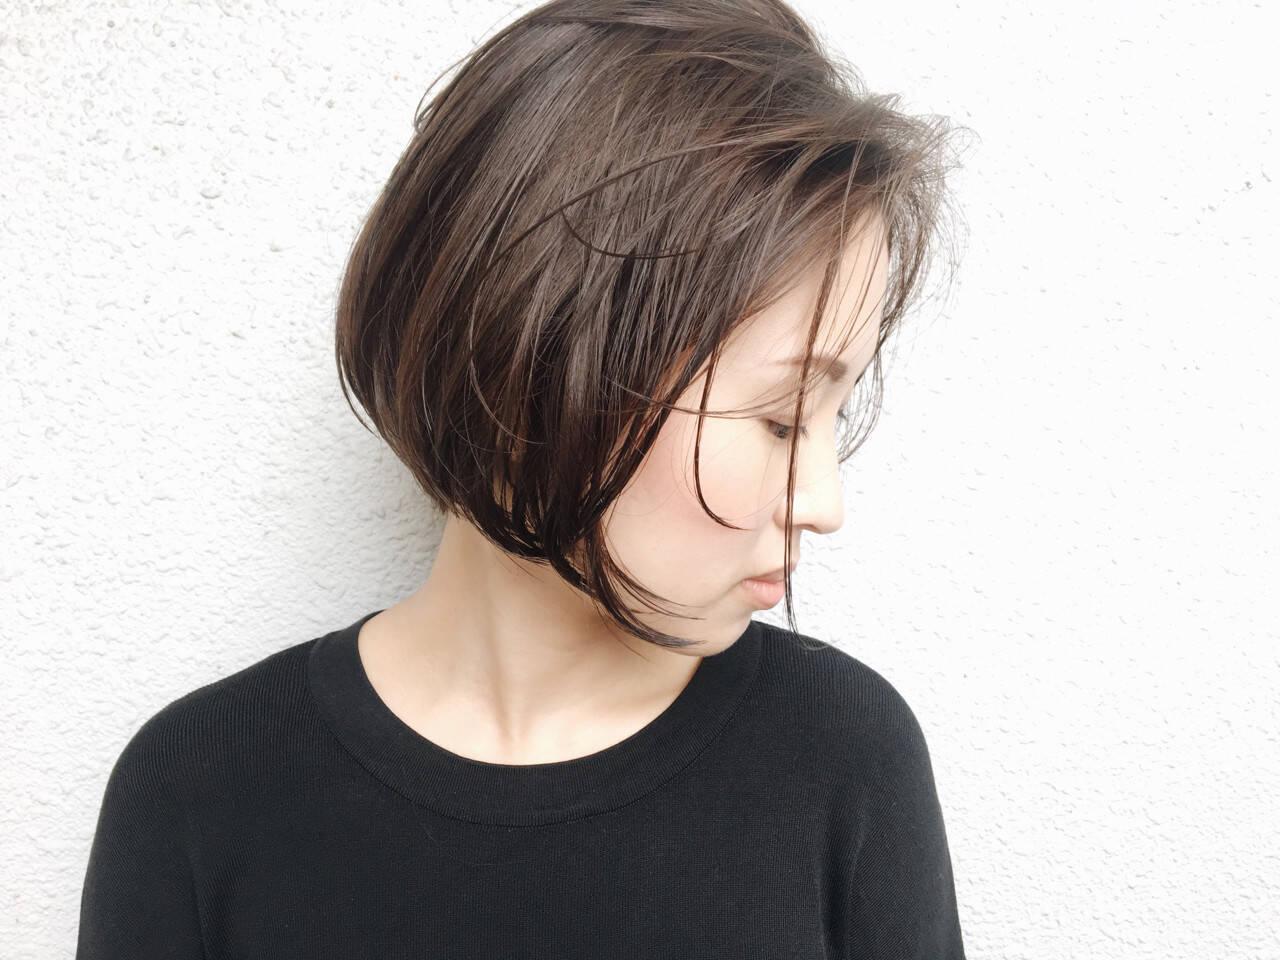 グレージュ ショート 暗髪 ショートボブヘアスタイルや髪型の写真・画像